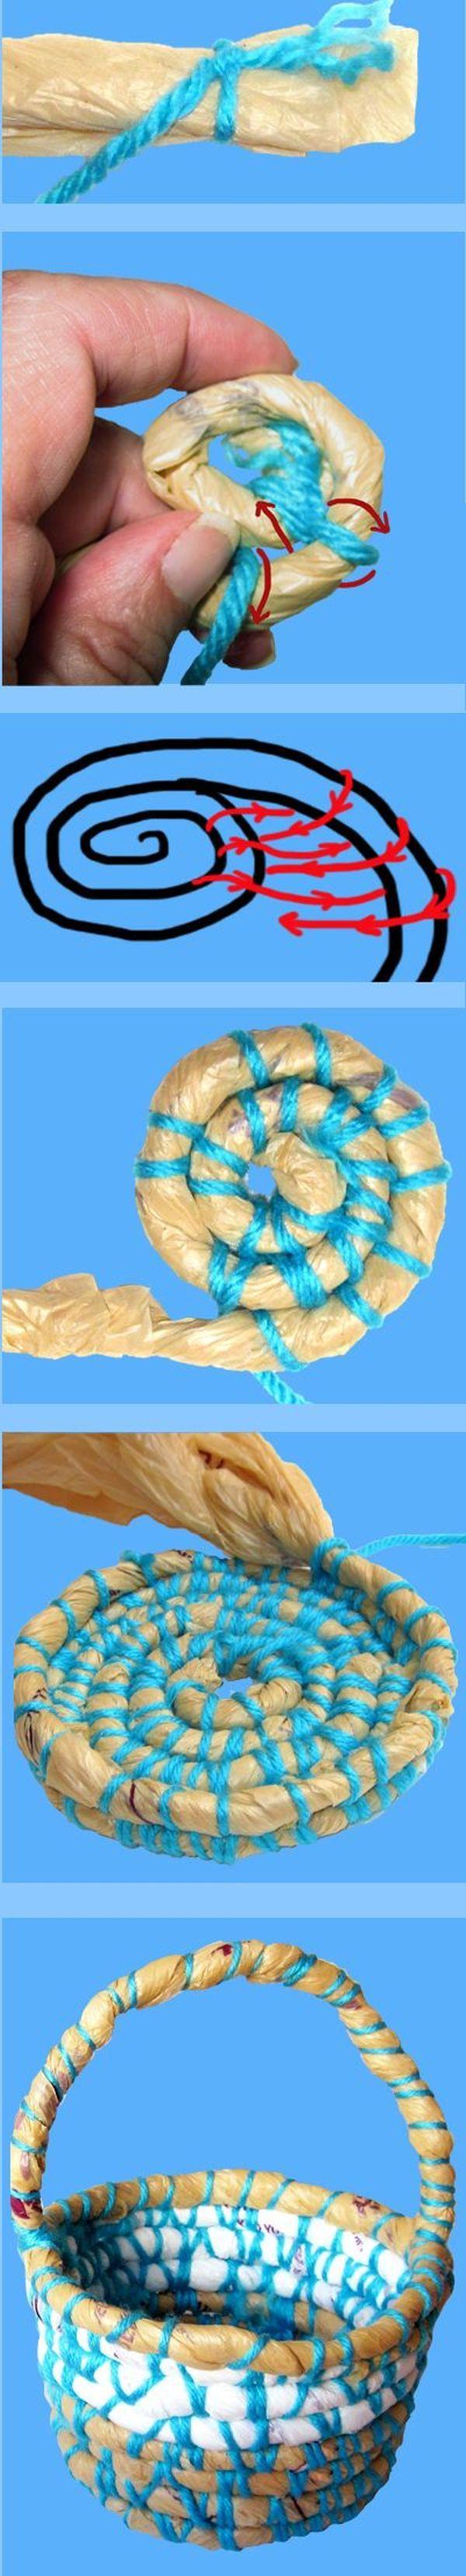 Cómo reciclar bolsas de plástico. Ideas creativas